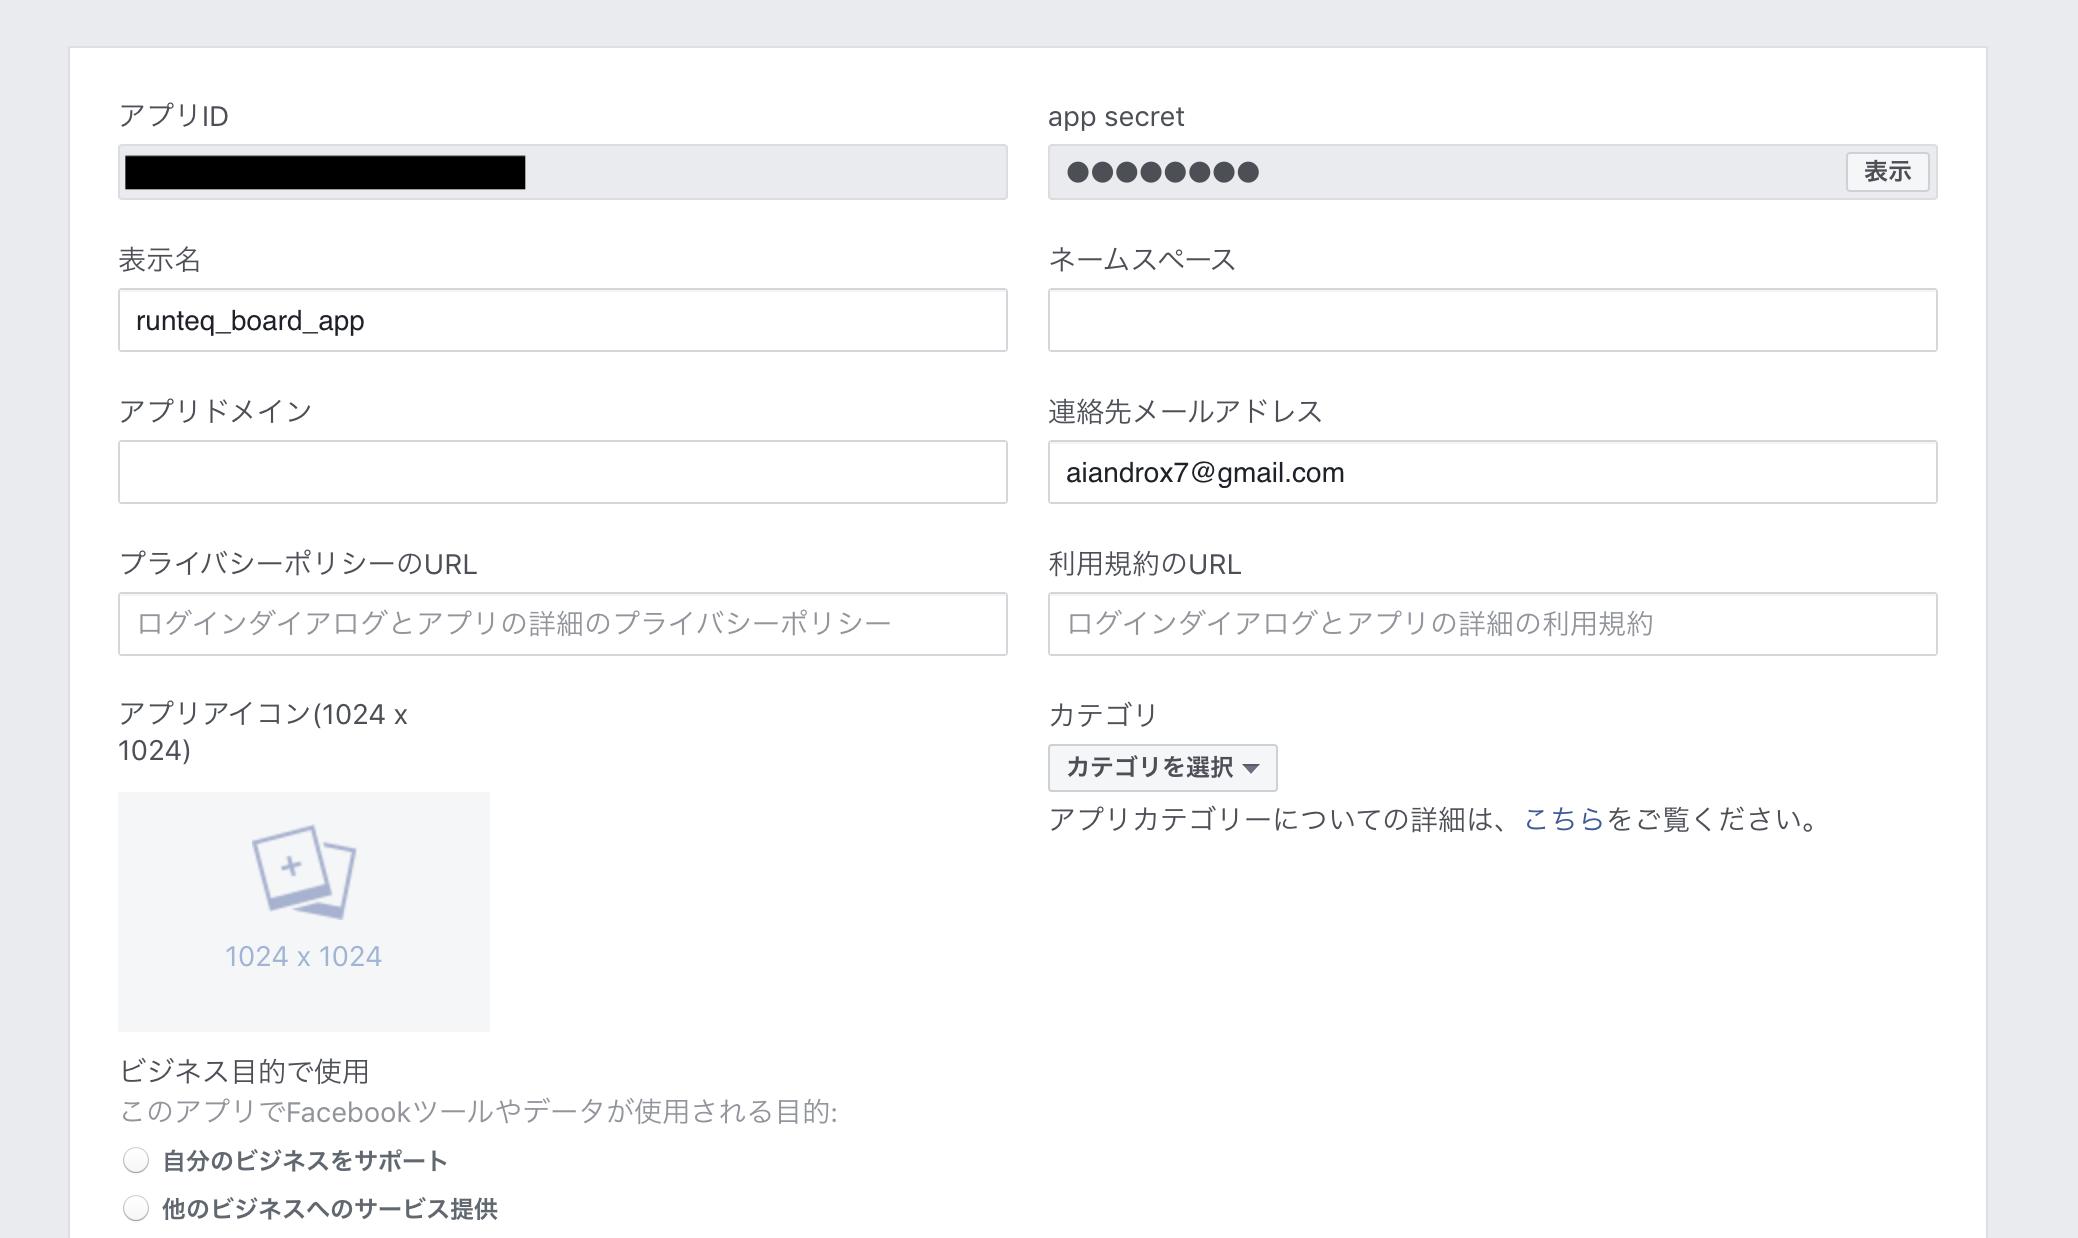 スクリーンショット 2020-02-05 21.49.51.png